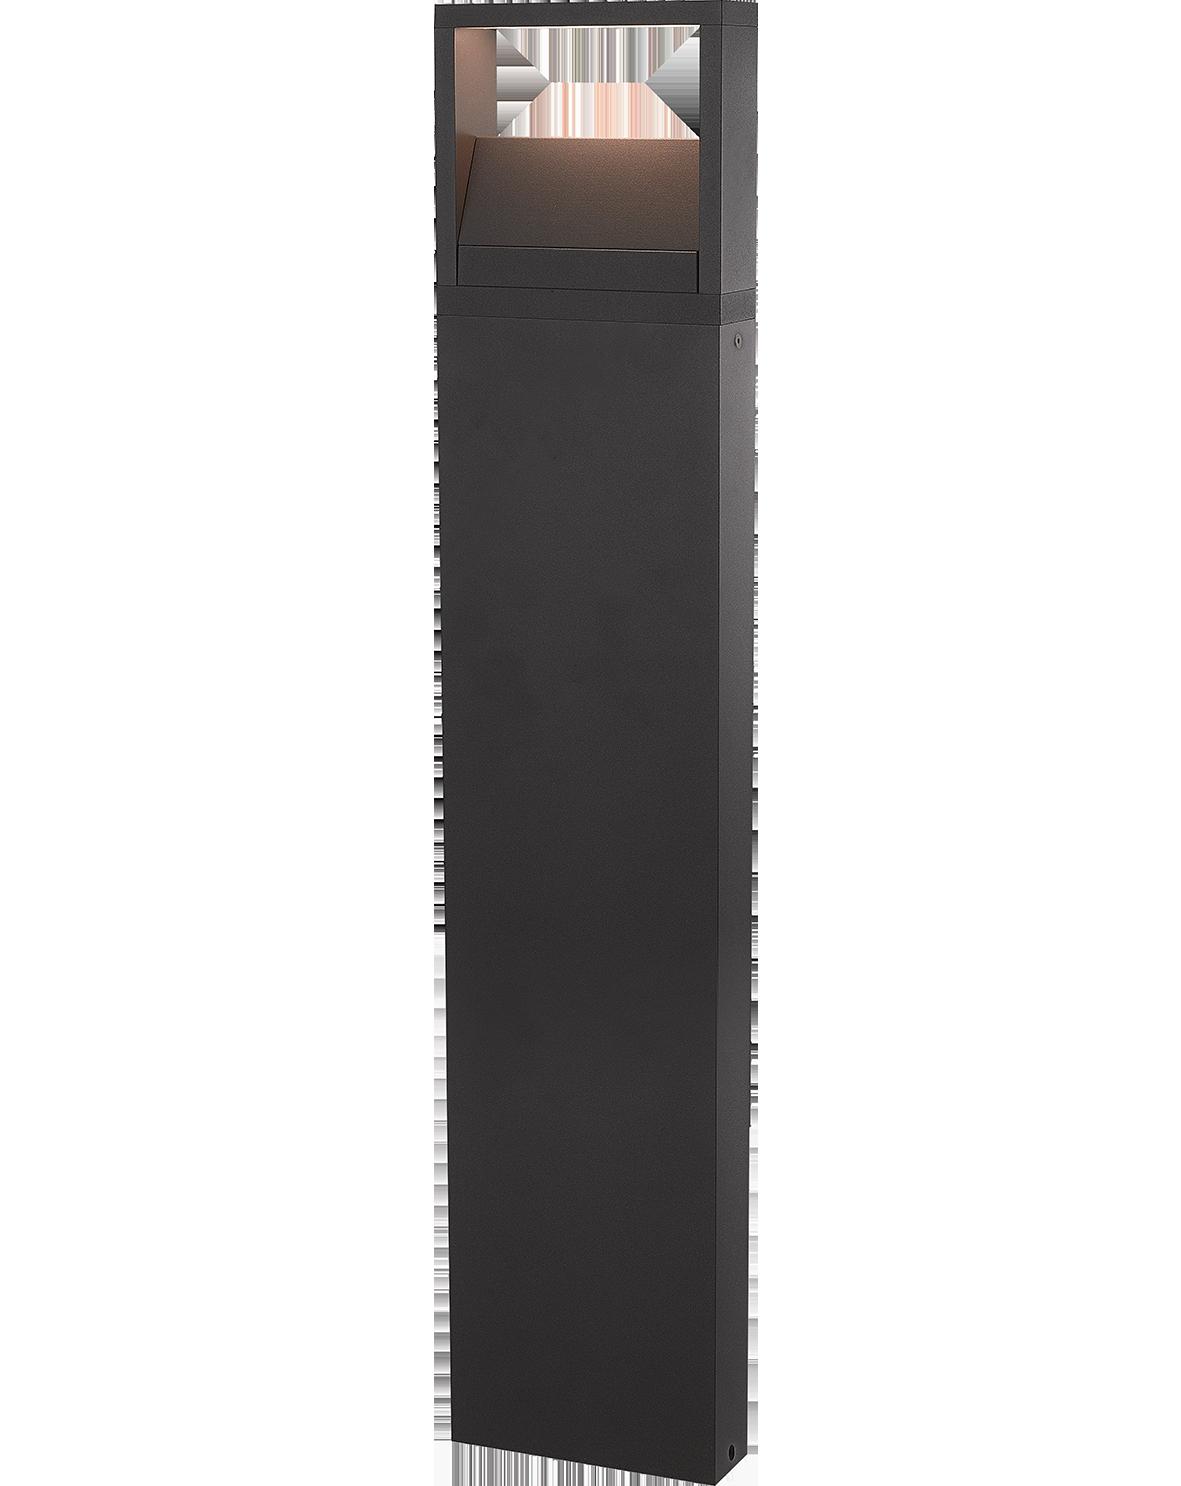 REDY X-6 Double 76cm